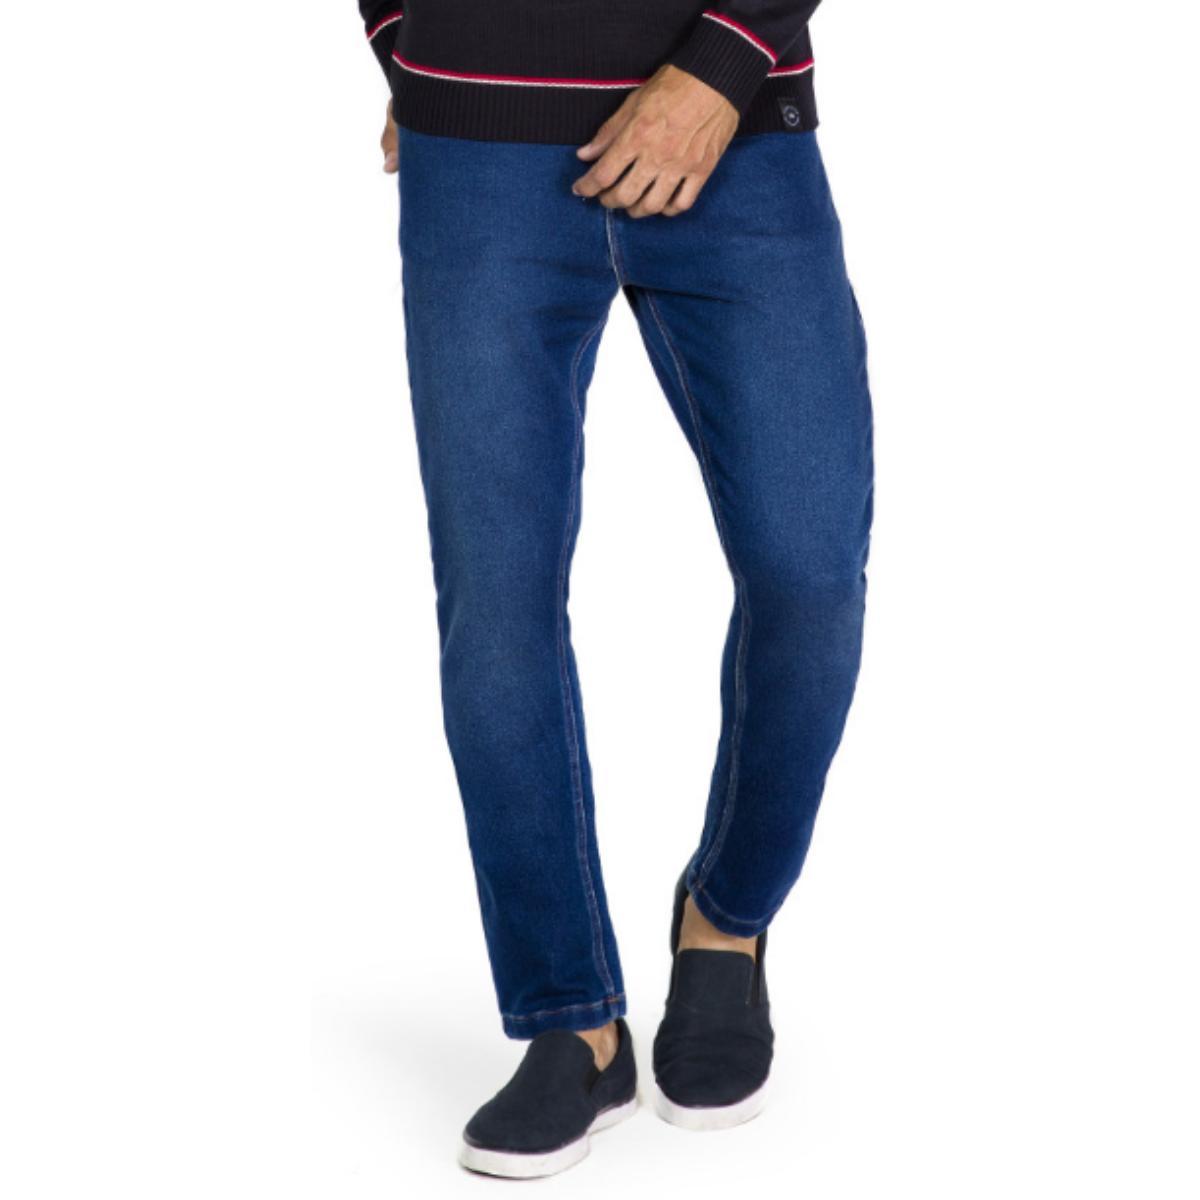 Calça Masculina Index 01.01.004749 Jeans